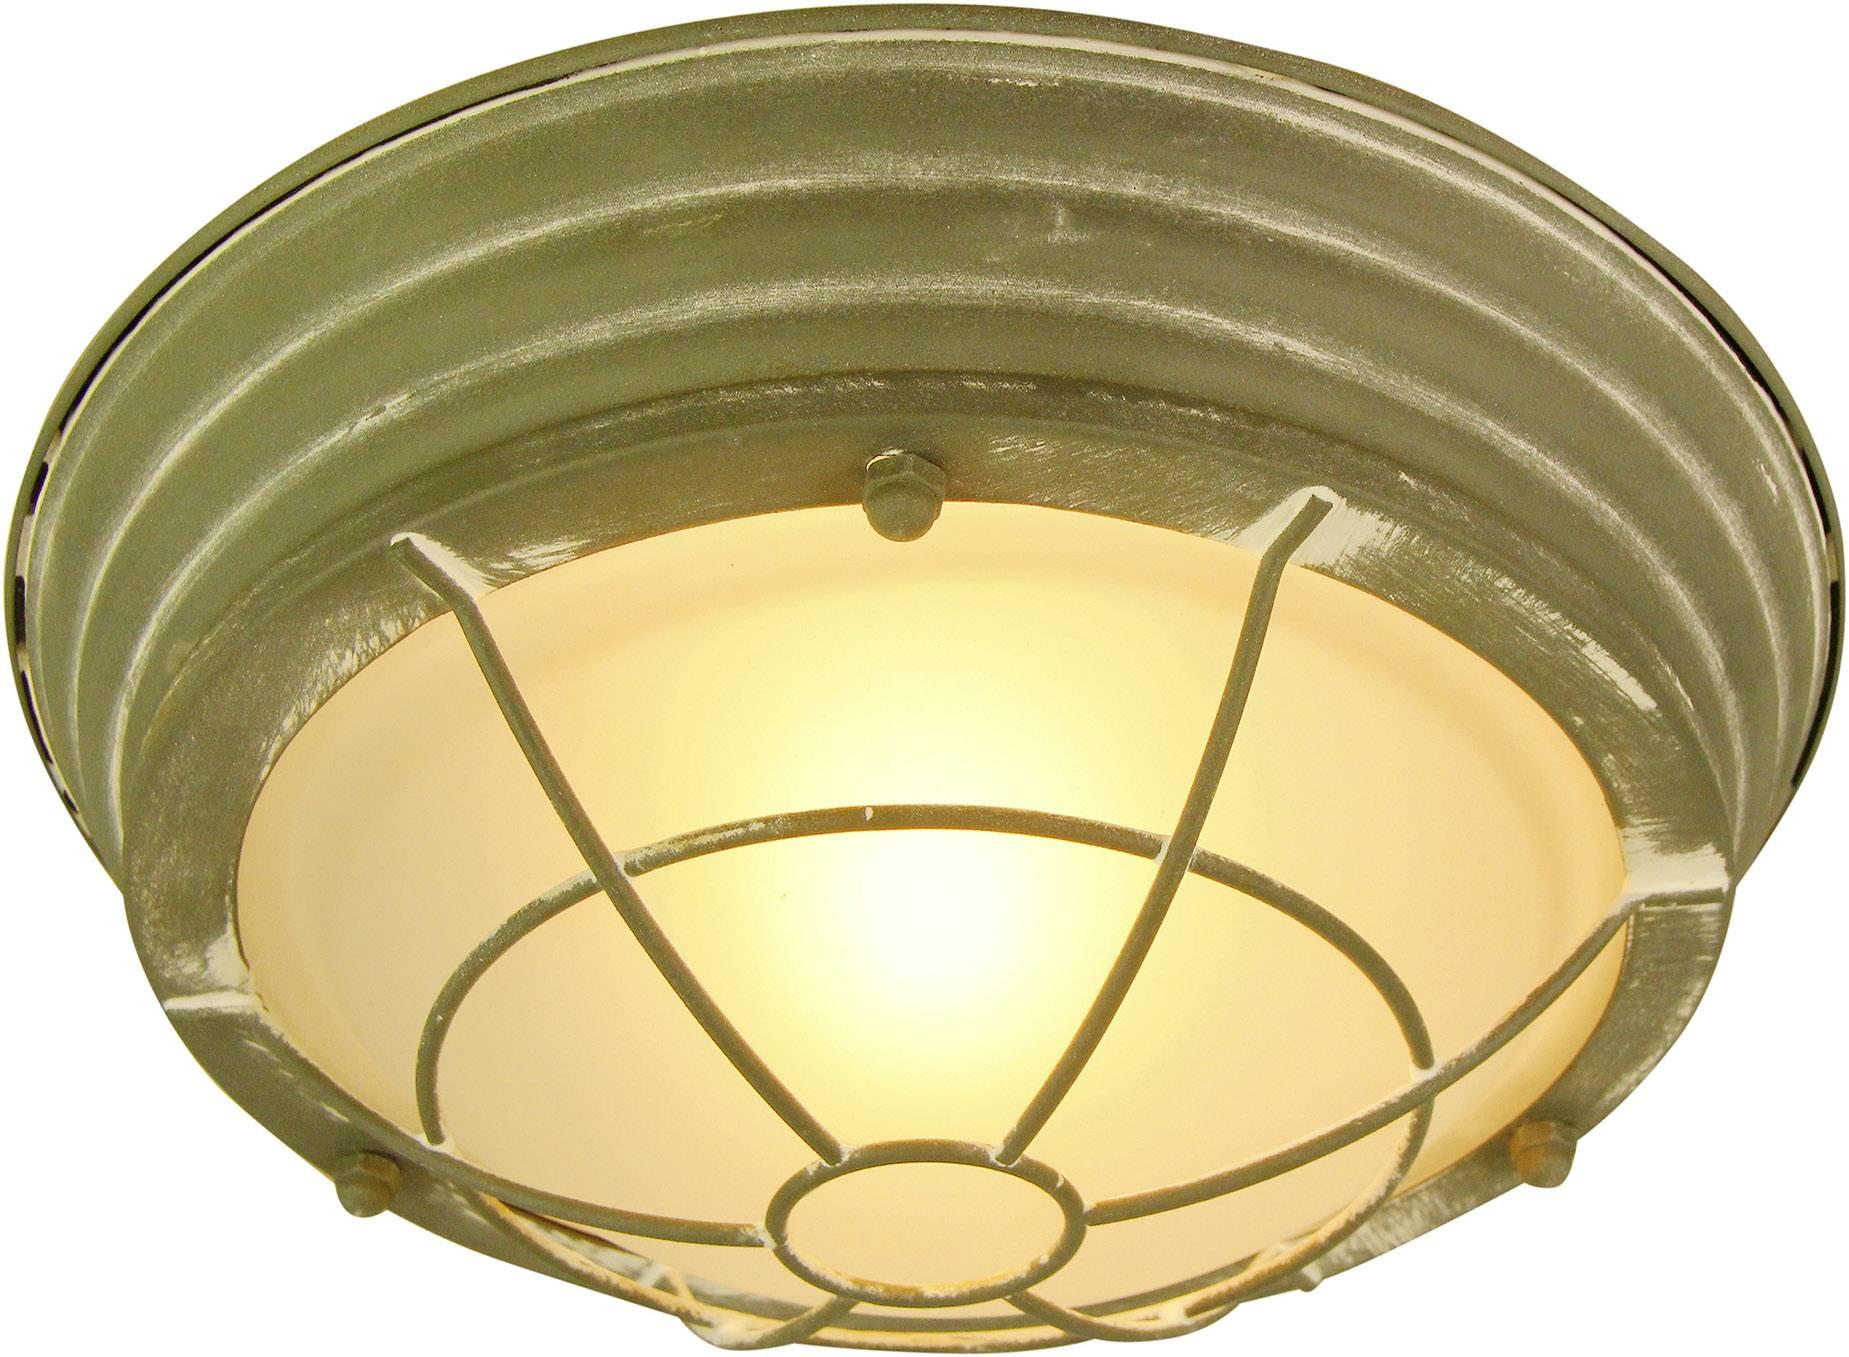 Plafoniere Per Lampade Led E27 : Plafoniera led e classe energetica dipende dalla lampadina a